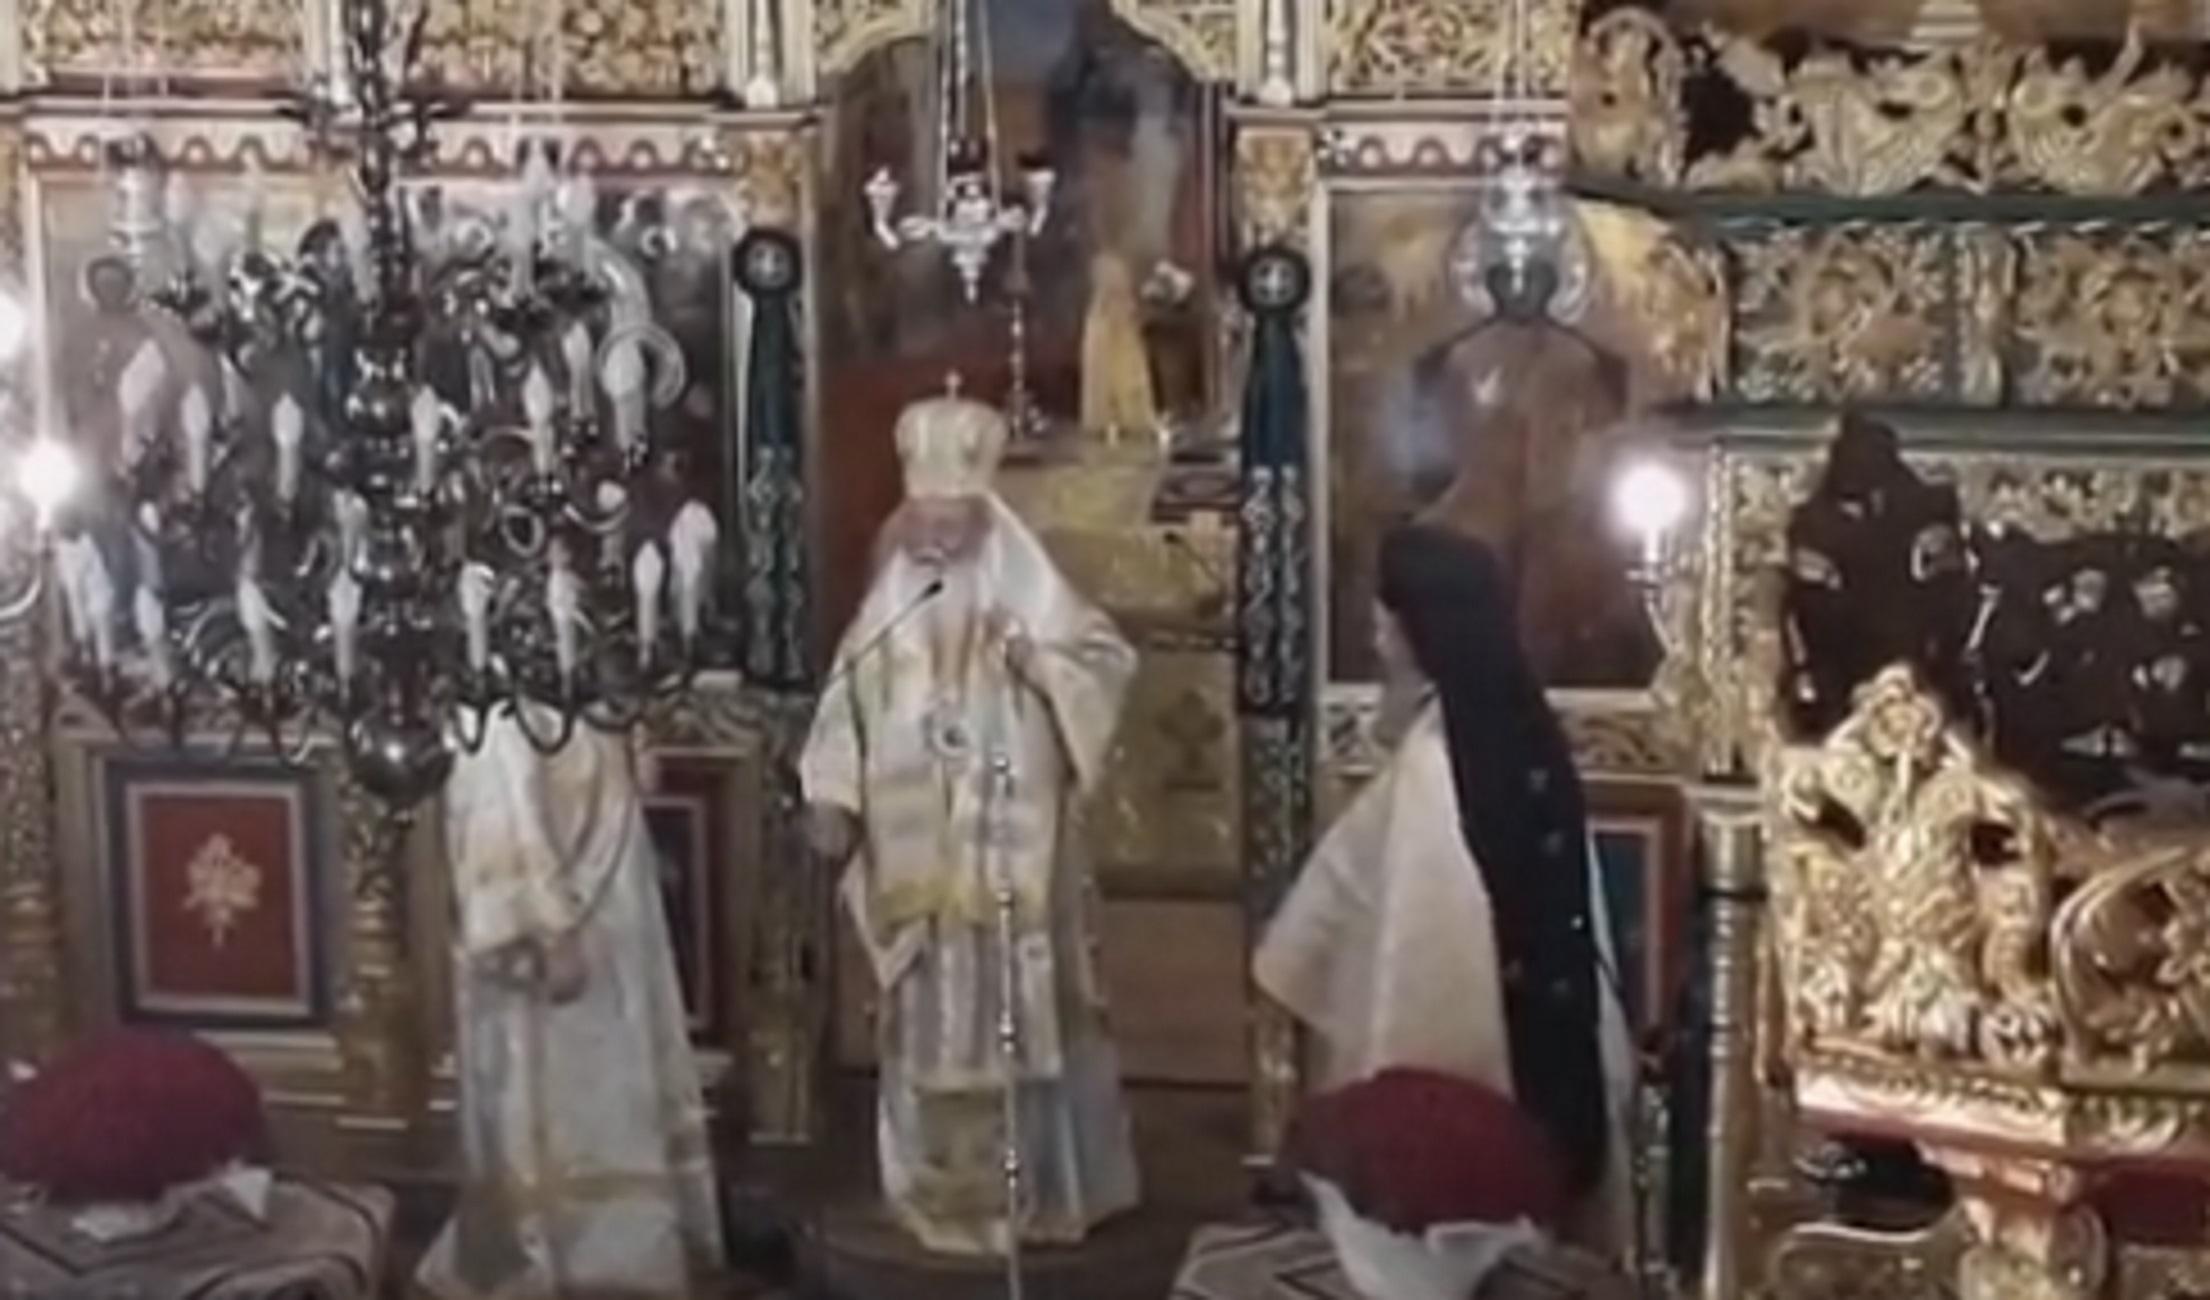 """Μητροπολίτης Κοζάνης: """"Δεν έκλεισαν τις εκκλησίες γιατί πήραν το μάθημά τους! Νόμιζαν ότι ο Θεός έφυγε από την Ελλάδα"""""""